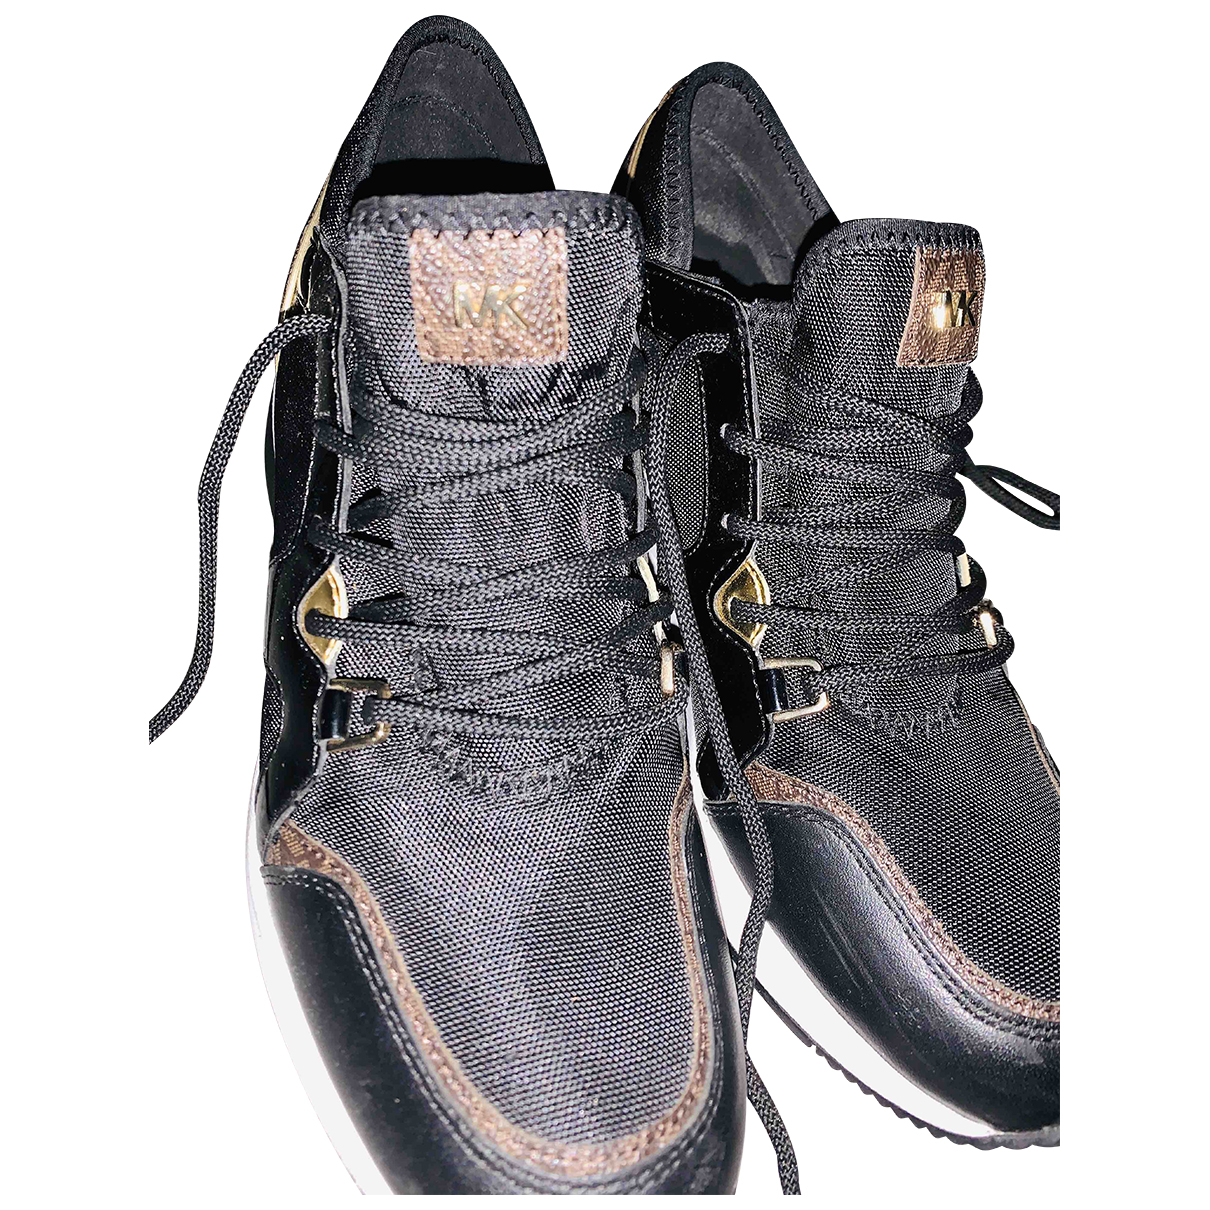 Michael Kors \N Sneakers in  Schwarz Kautschuk